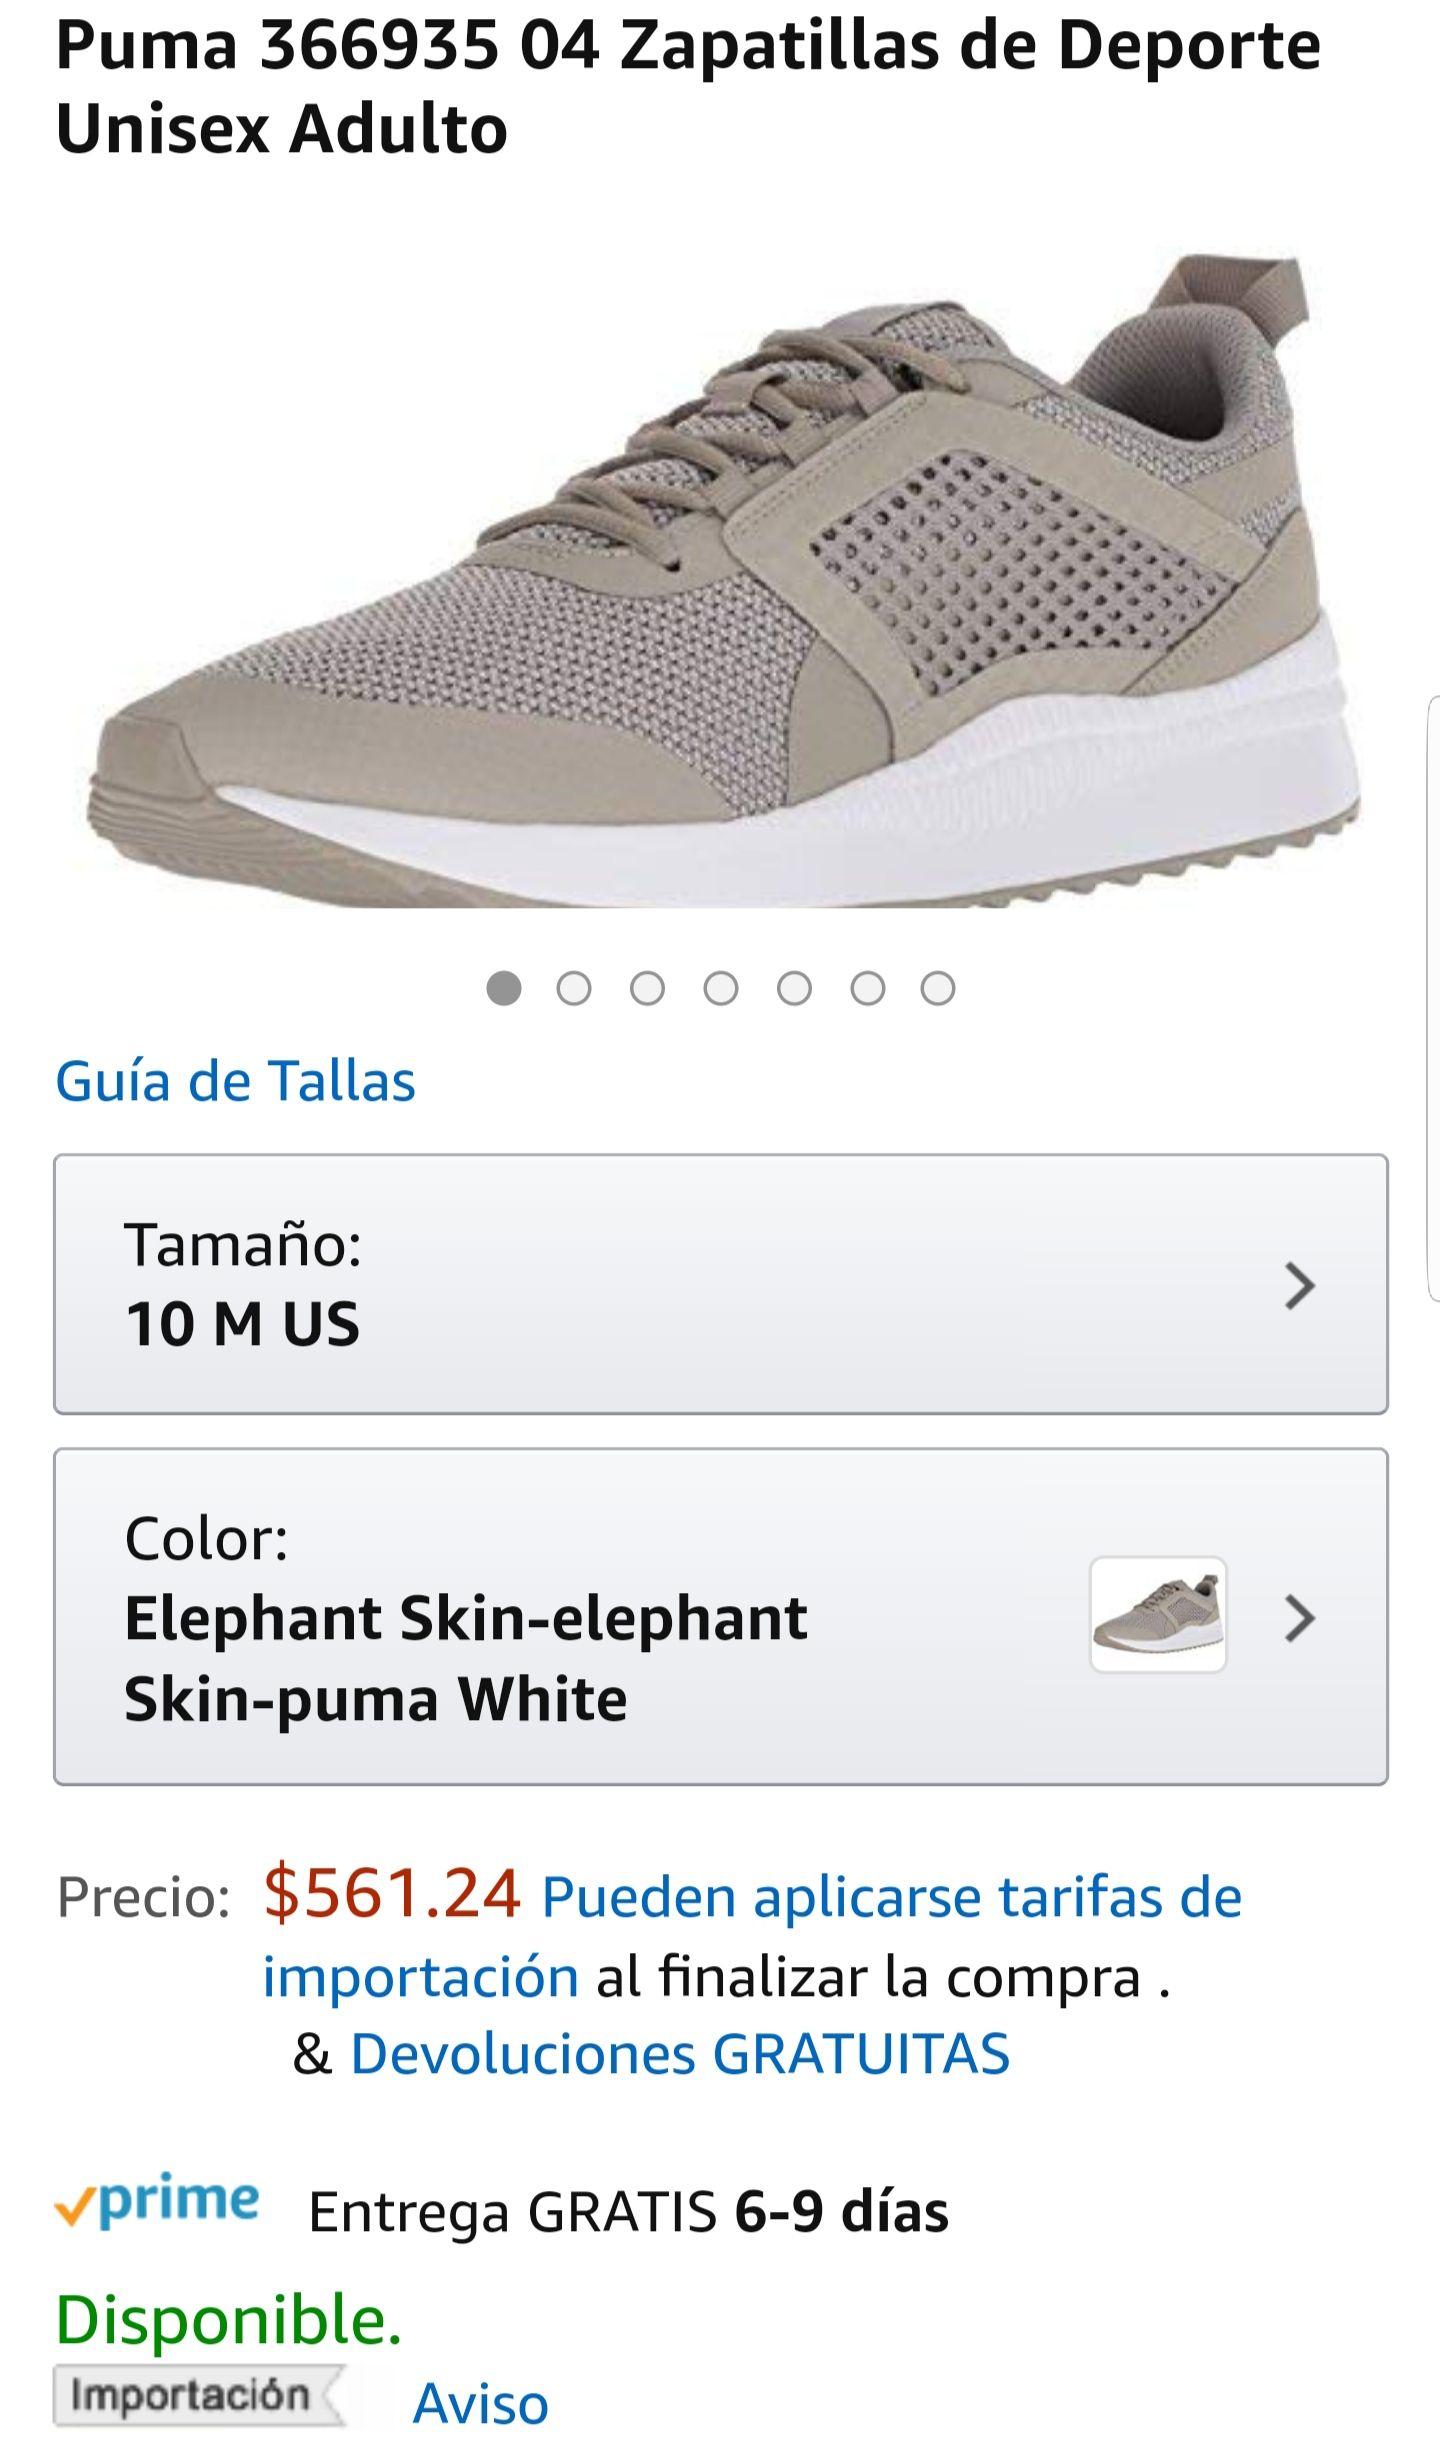 Amazon: Tenis Puma Pacer Next Net (28 MX) Elephant Skin (gris/blanco)